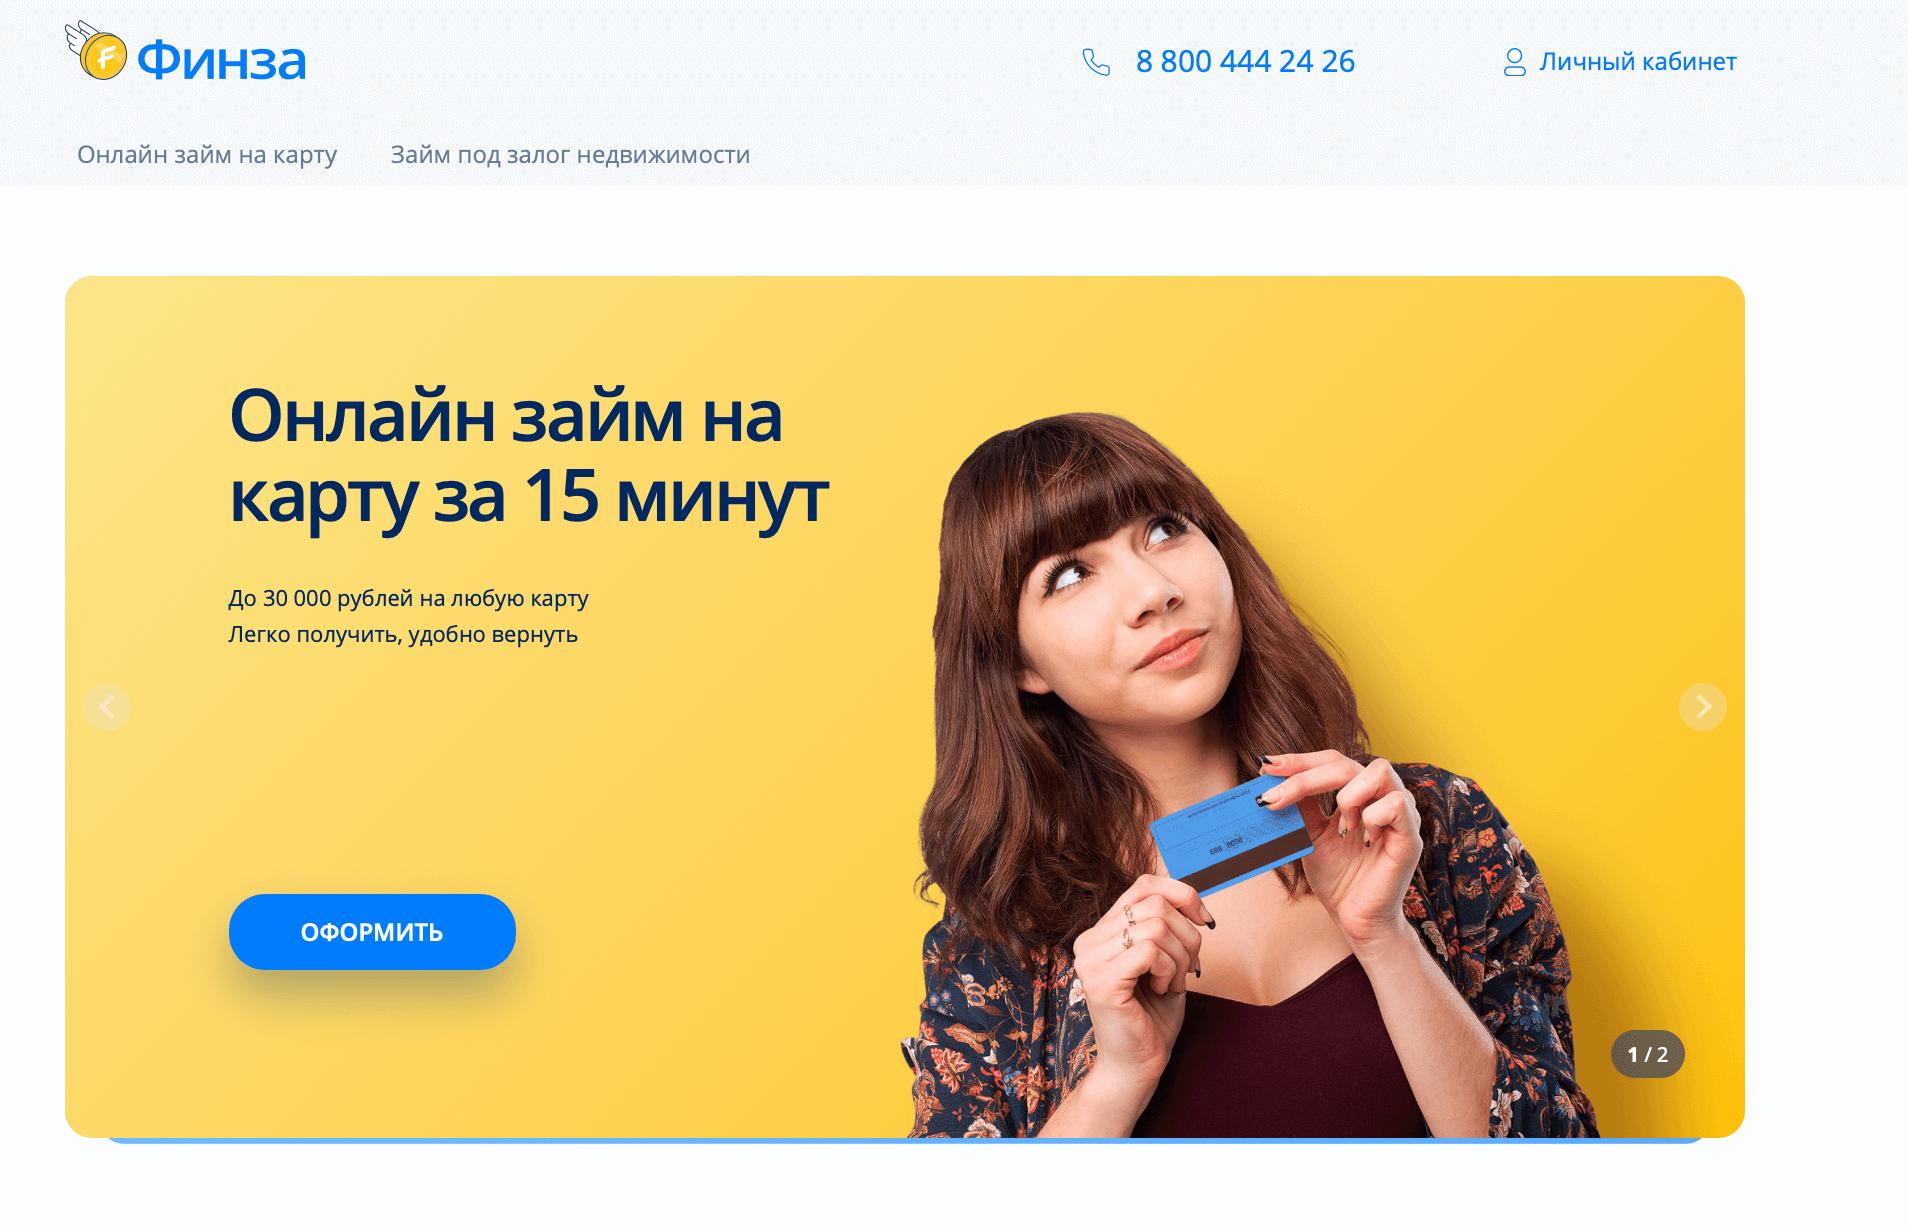 Официальный сайт финза